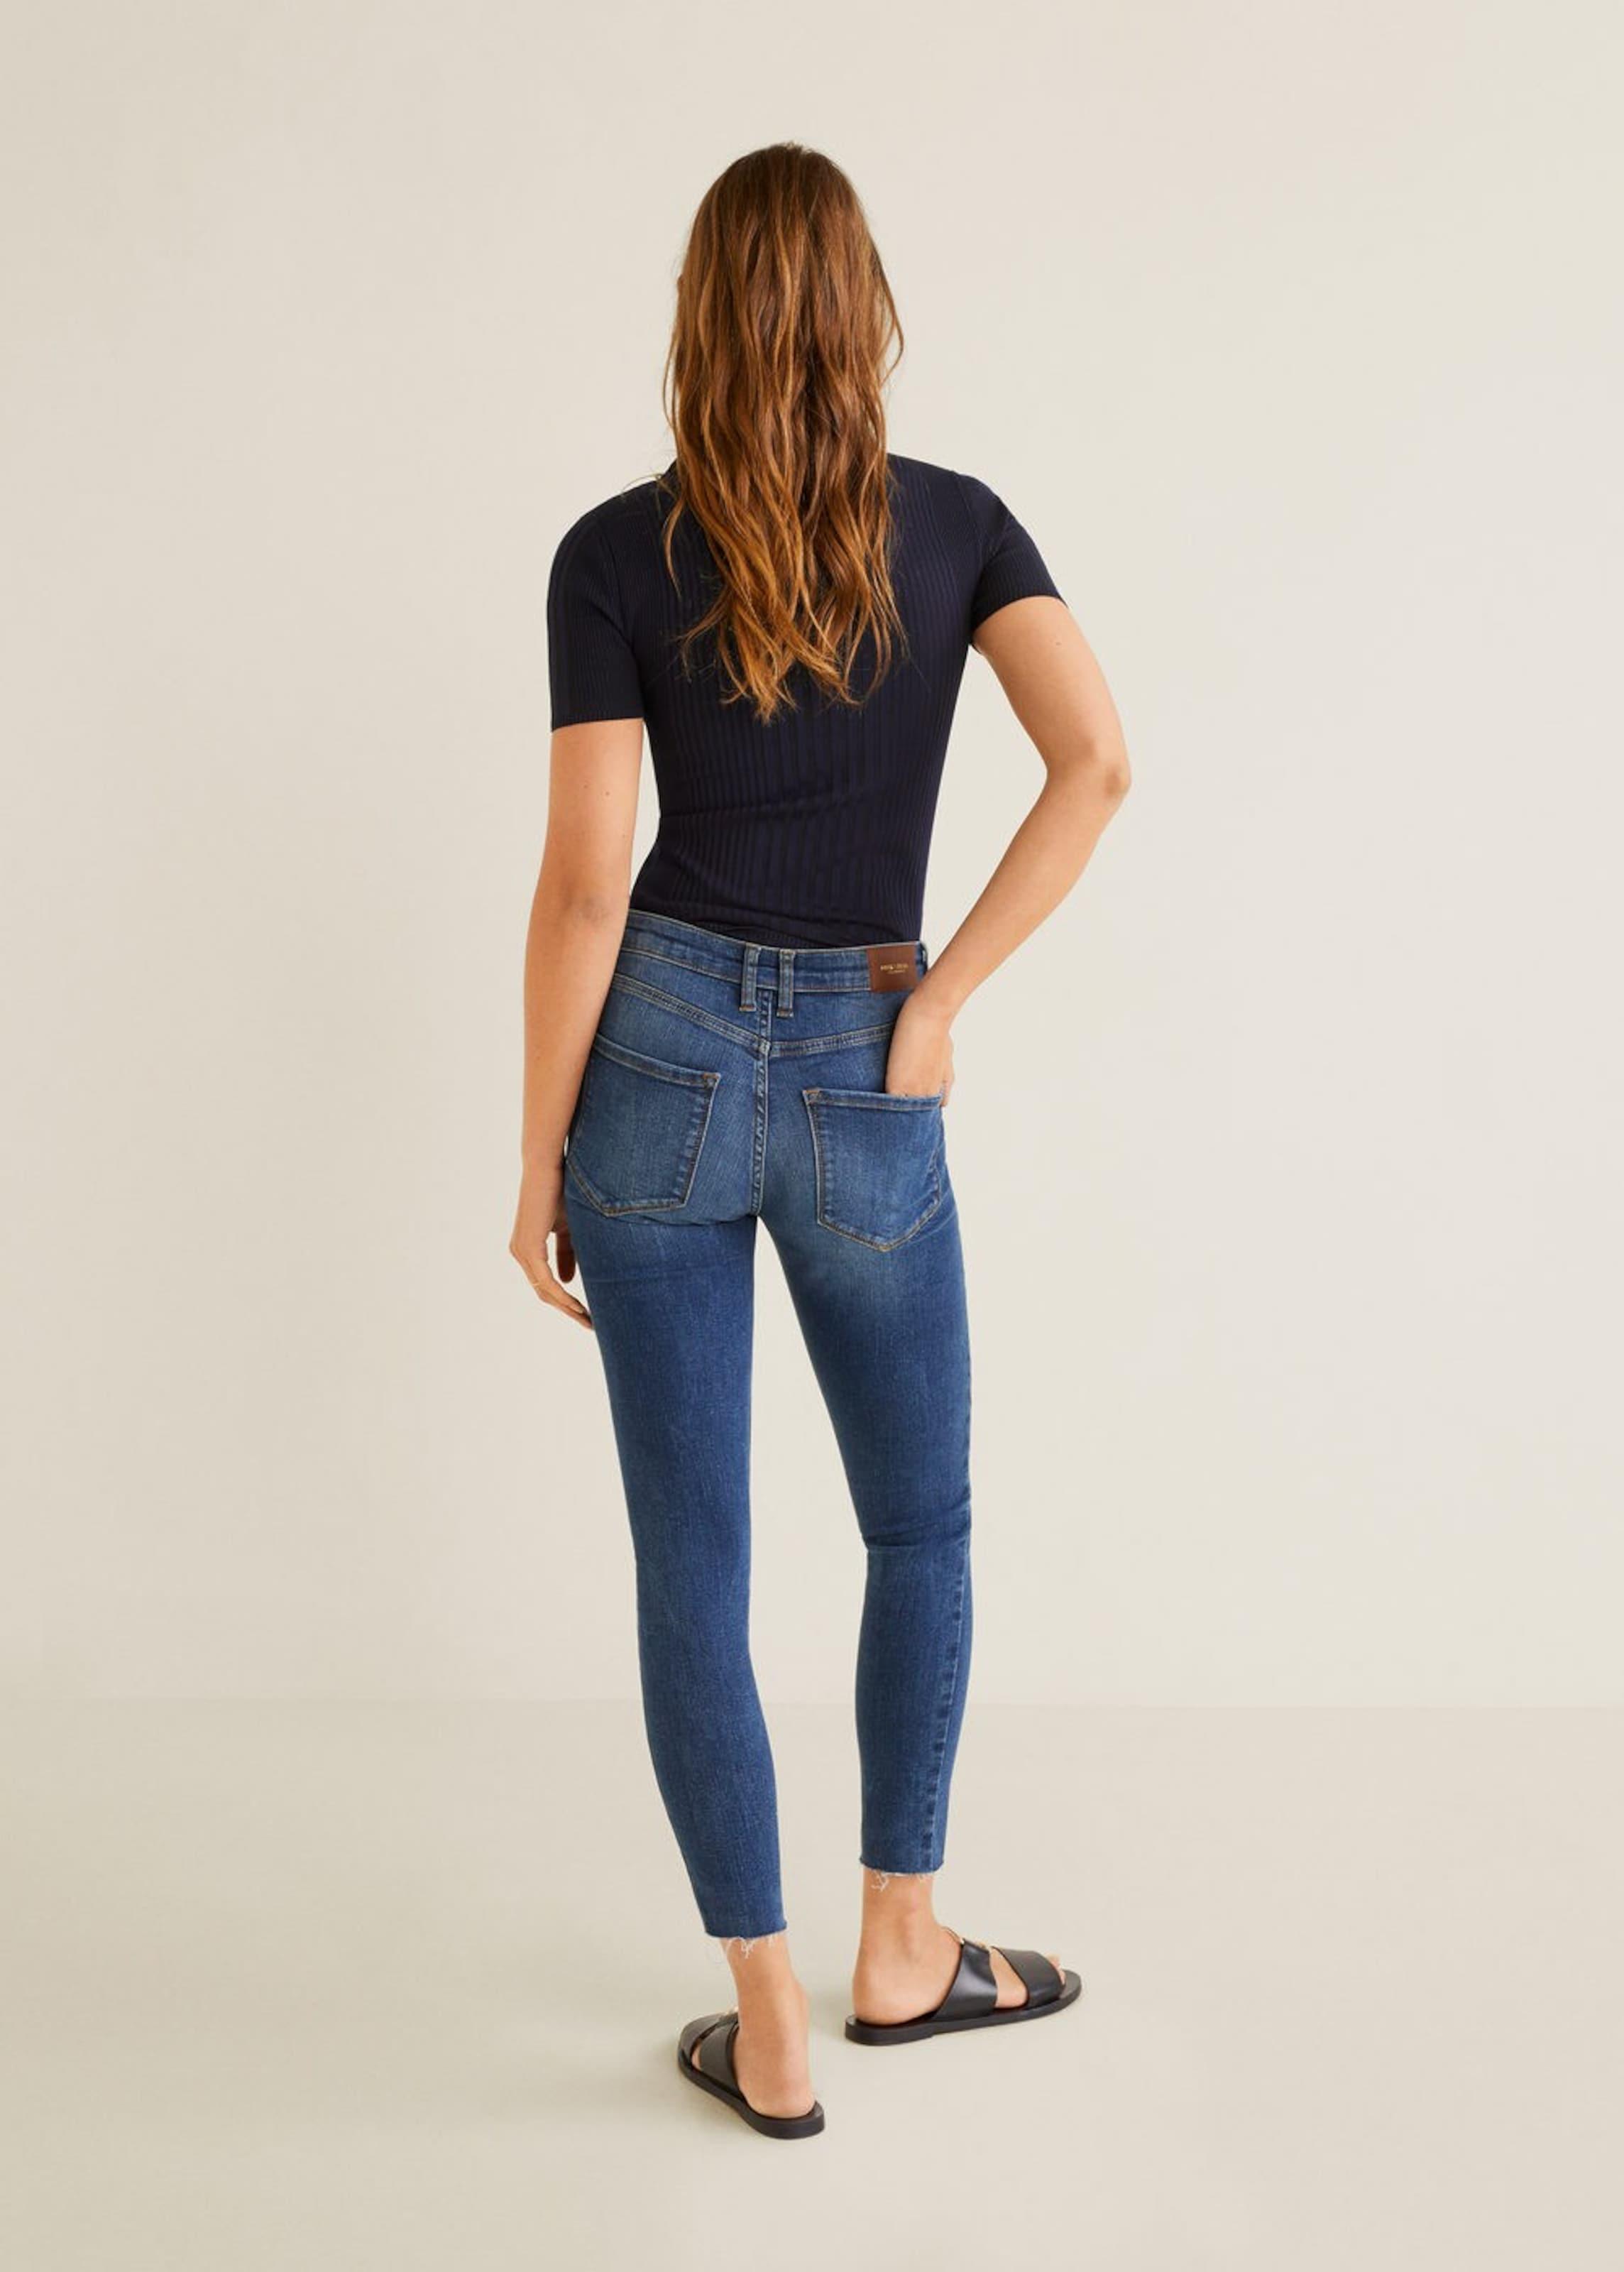 Mango Jeans In Dunkelblau Jeans In 'isa' Dunkelblau Mango 'isa' 'isa' Jeans Mango 0Ok8nPXw